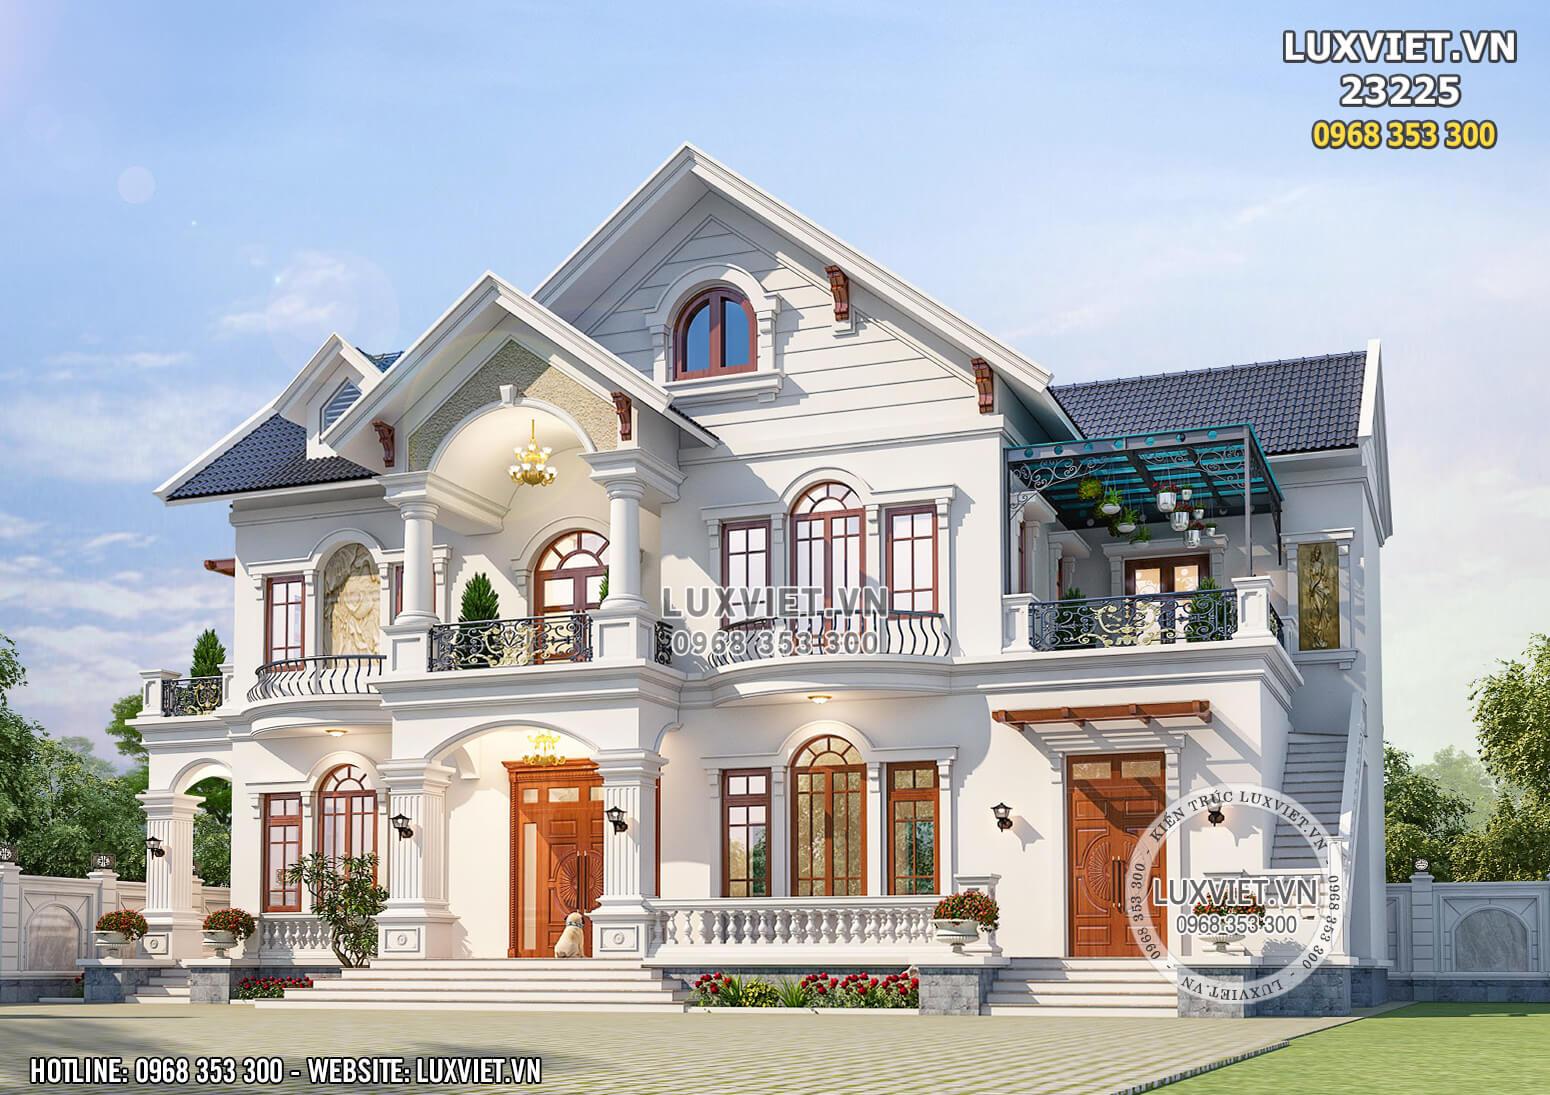 Hình ảnh: Thiết kế biệt thự nhà vườn 2 tầng - LV 23225